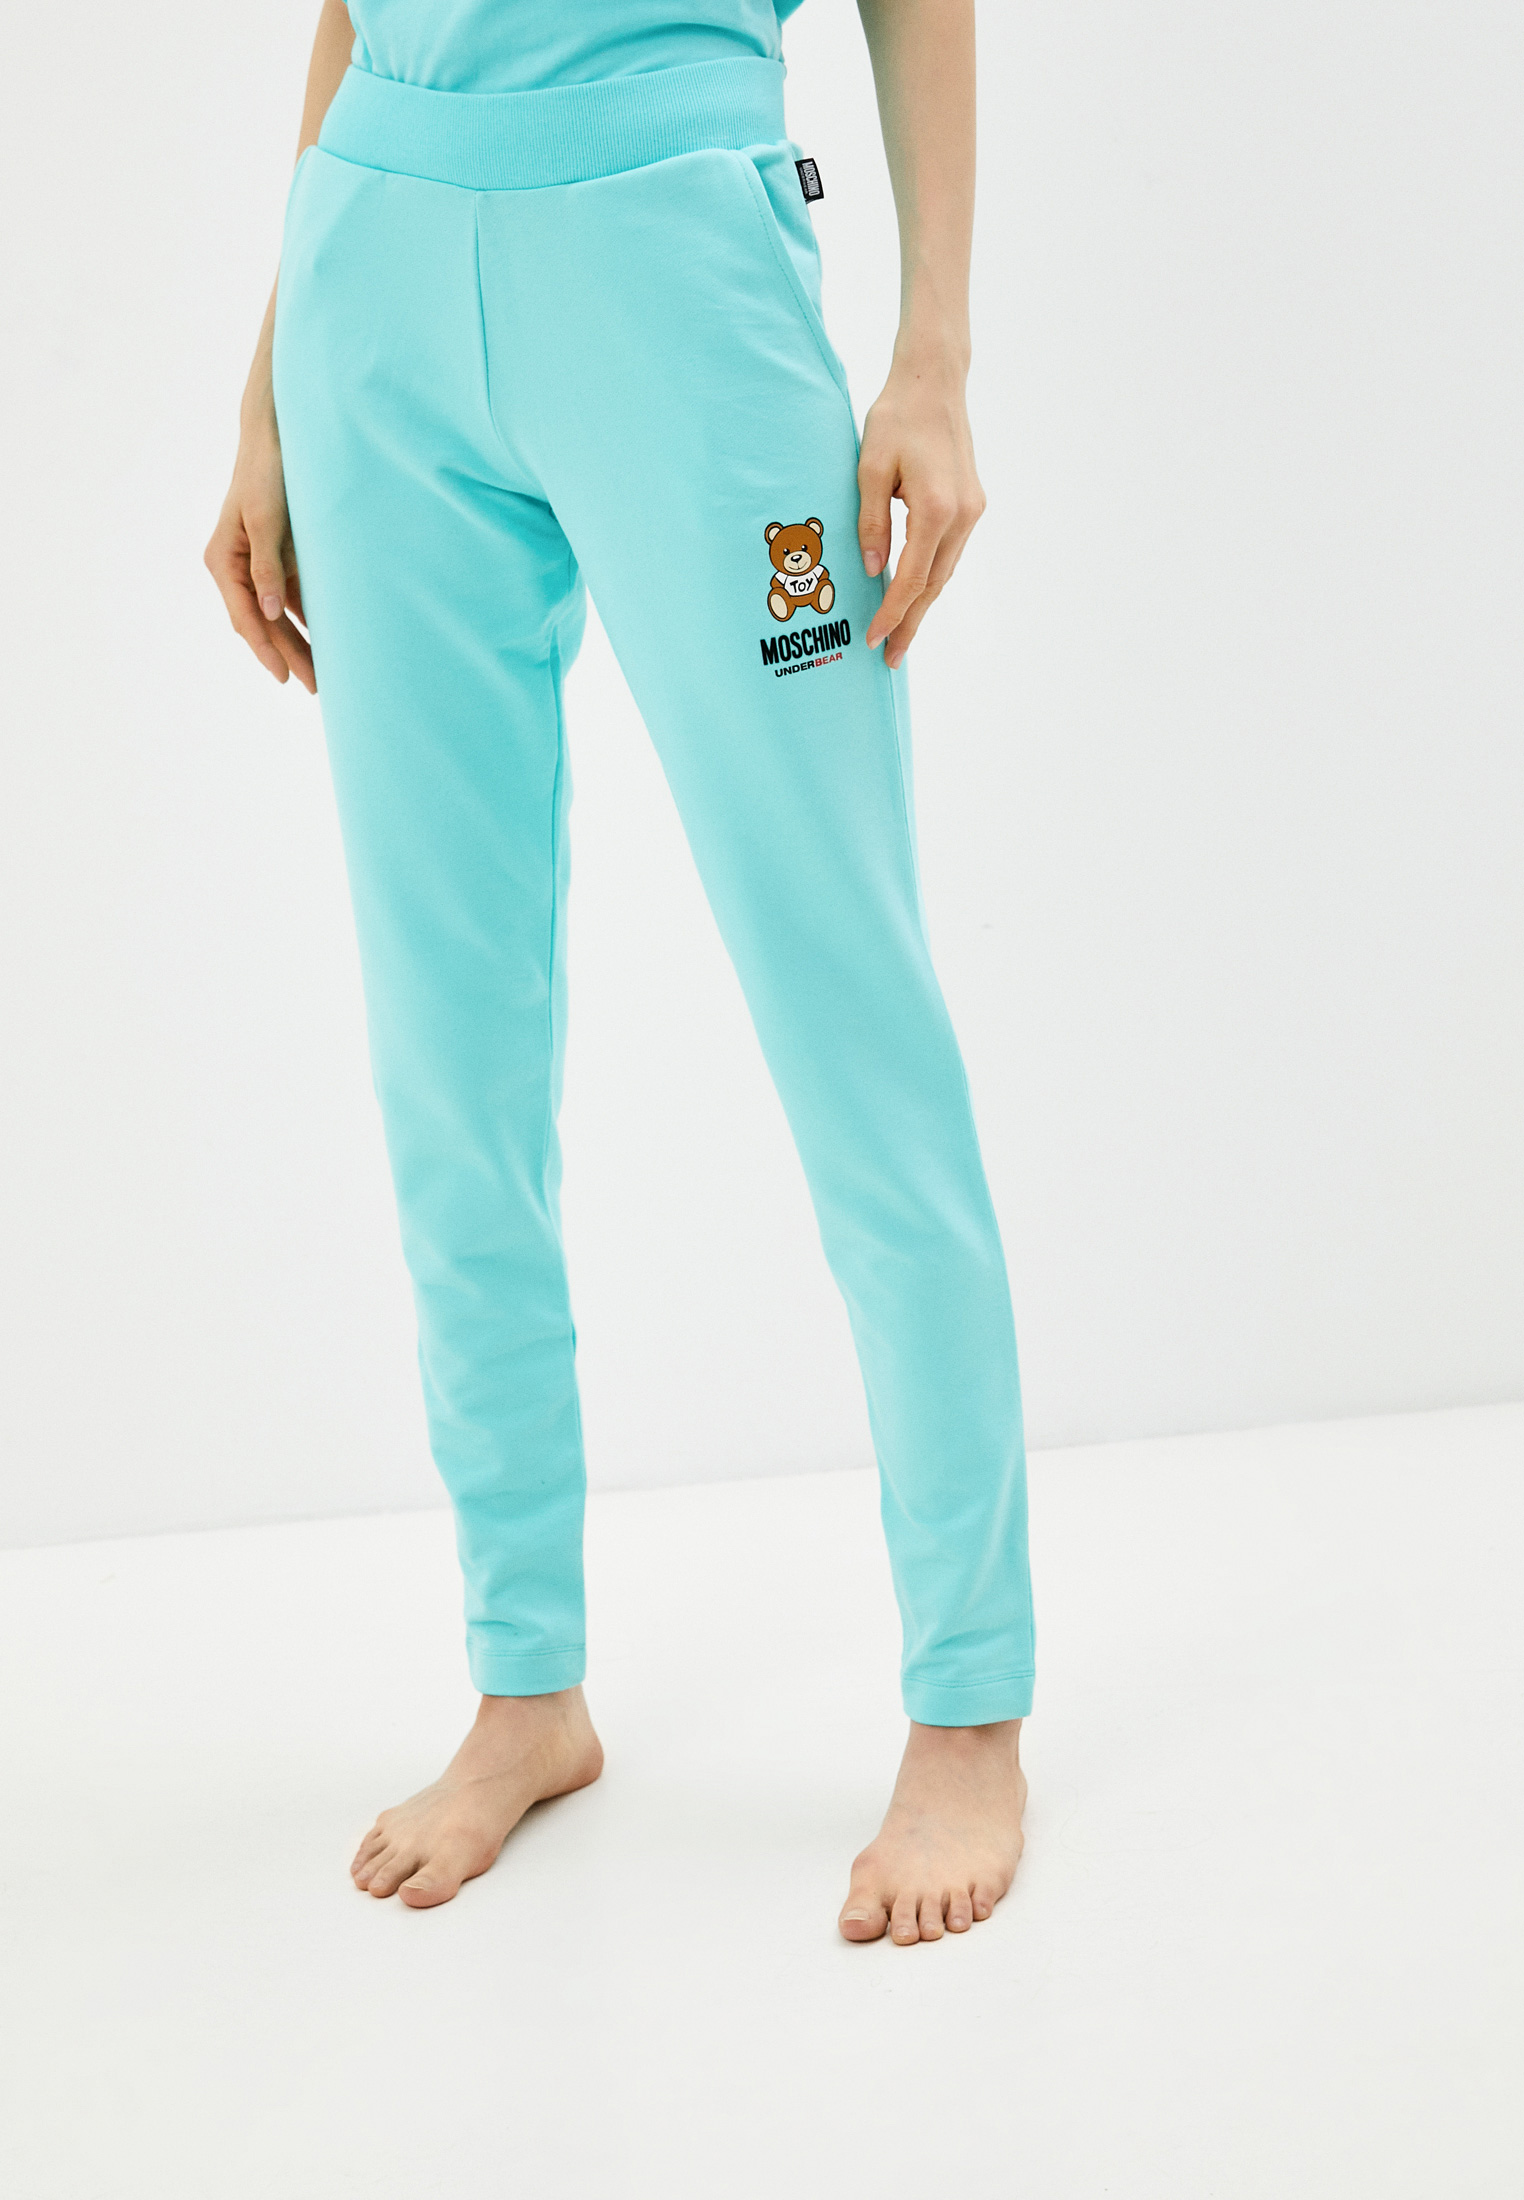 Женские домашние брюки Moschino Underwear Брюки домашние Moschino Underwear